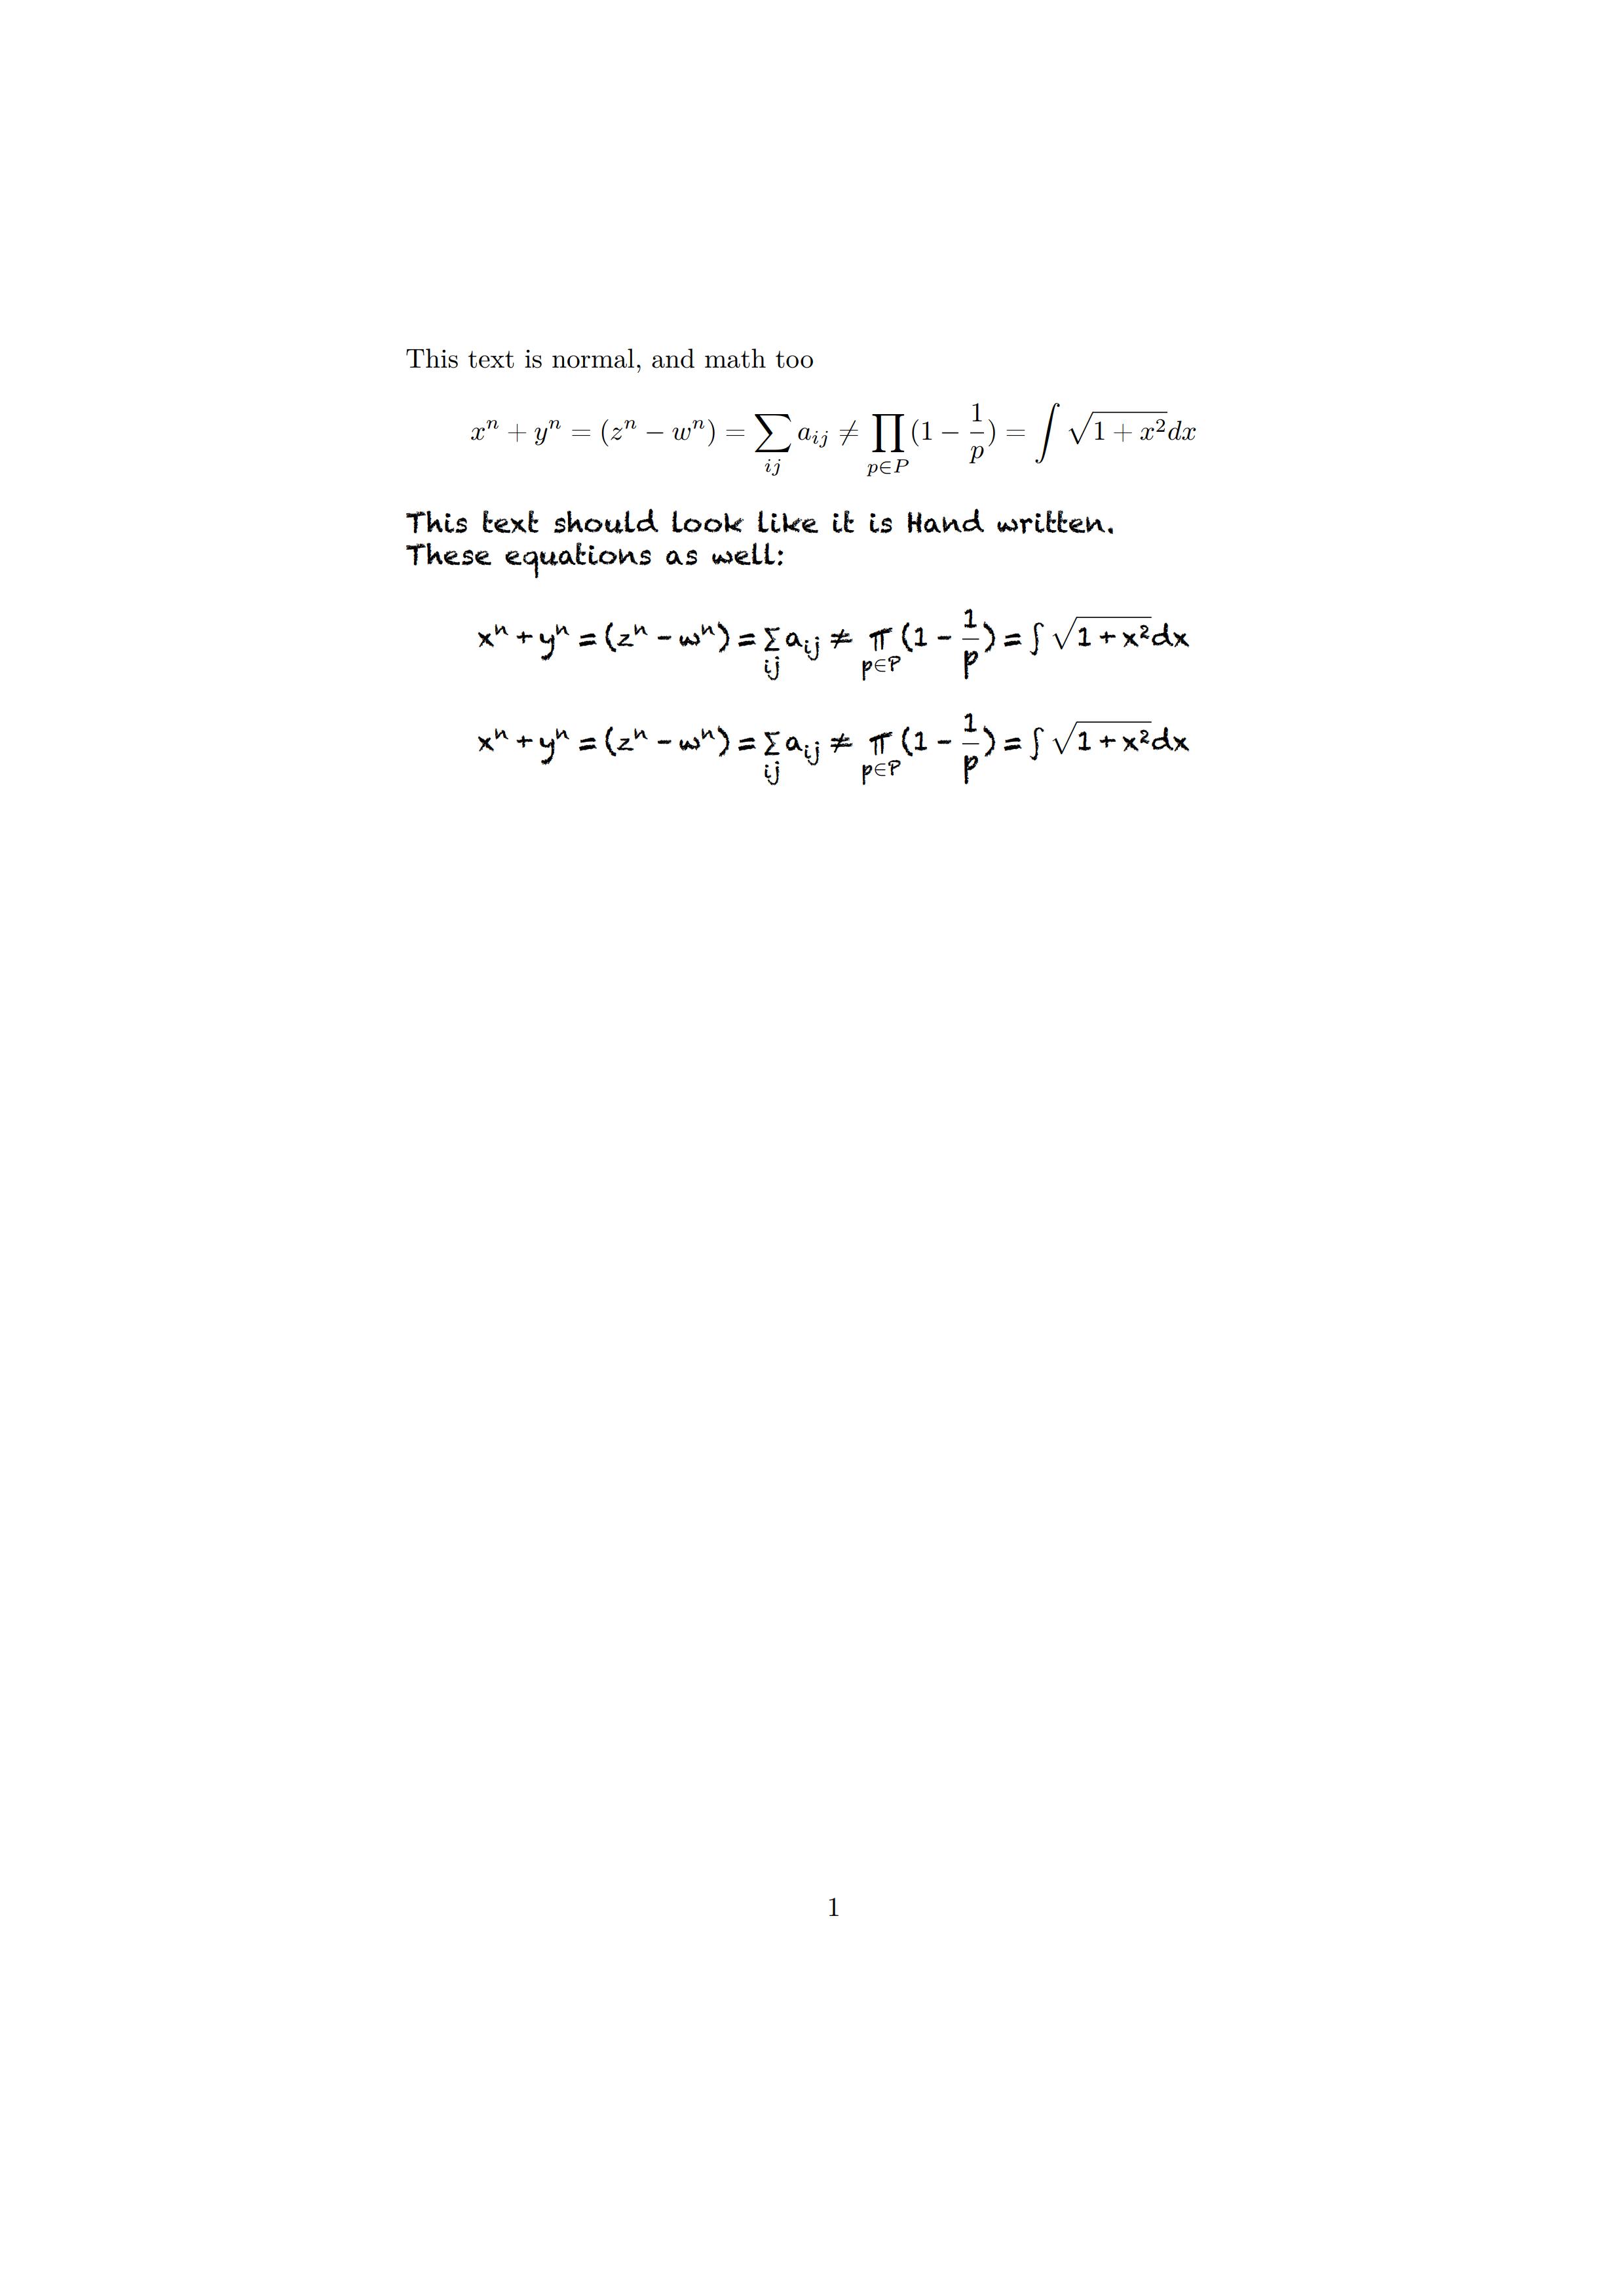 一个手写数学字体的设置样例